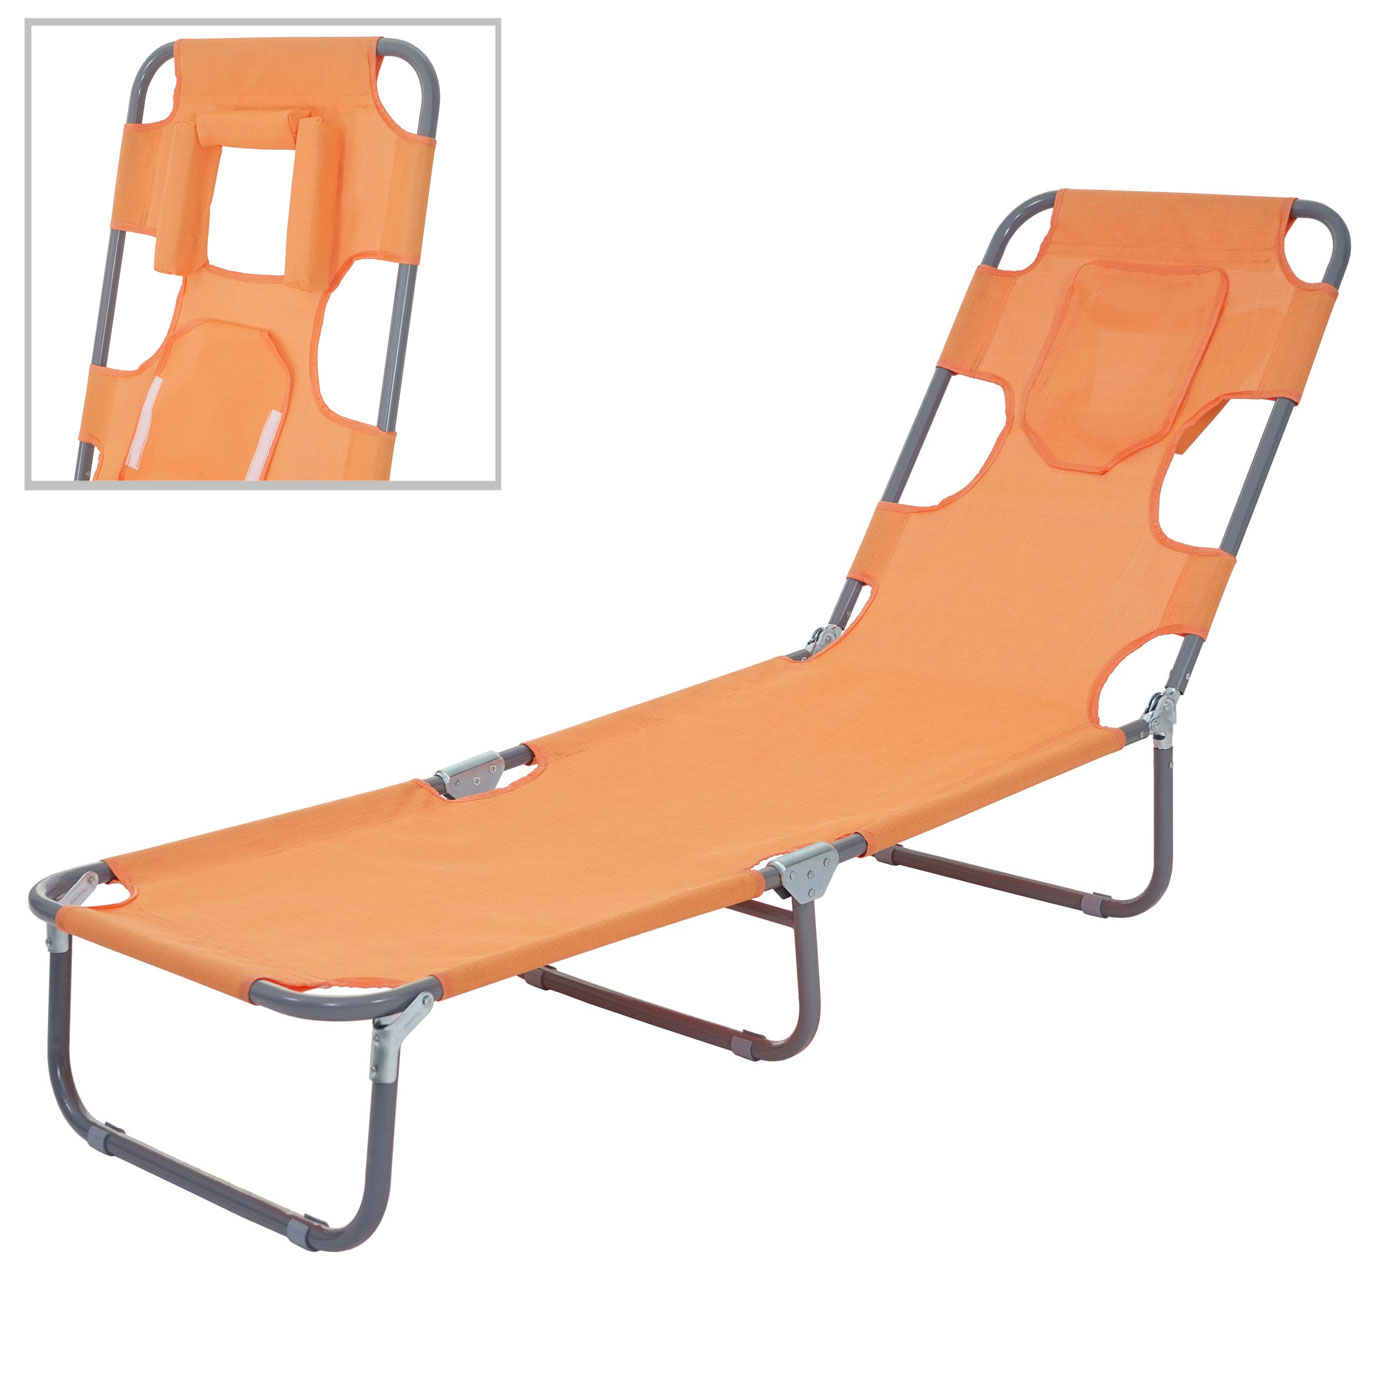 Sonnenliege MCW-B11, Relaxliege Gartenliege, Bauchliegefunktion Textil klappbar ~ orange